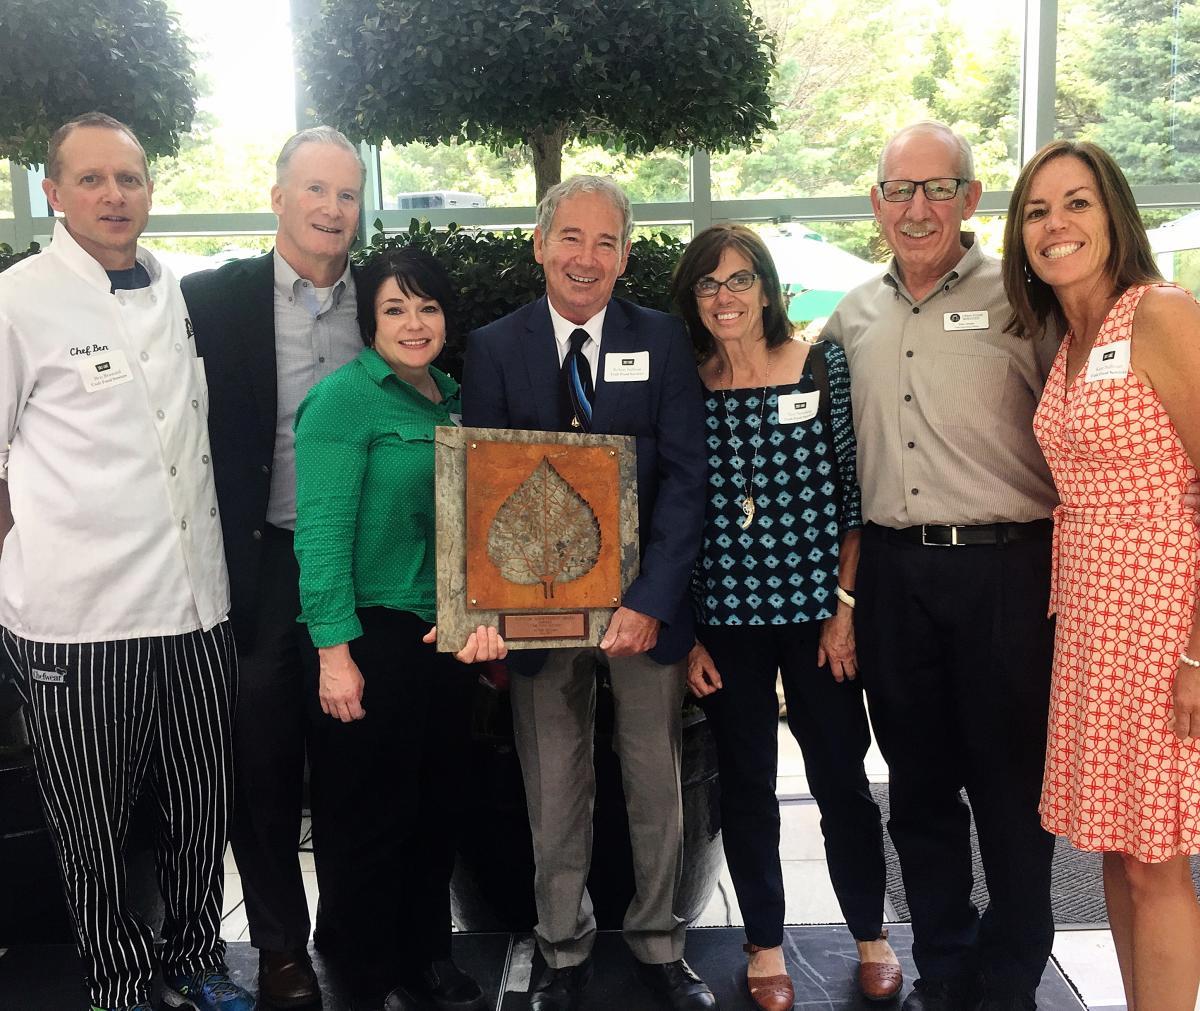 Visit Salt Lake Annual Tourism Award